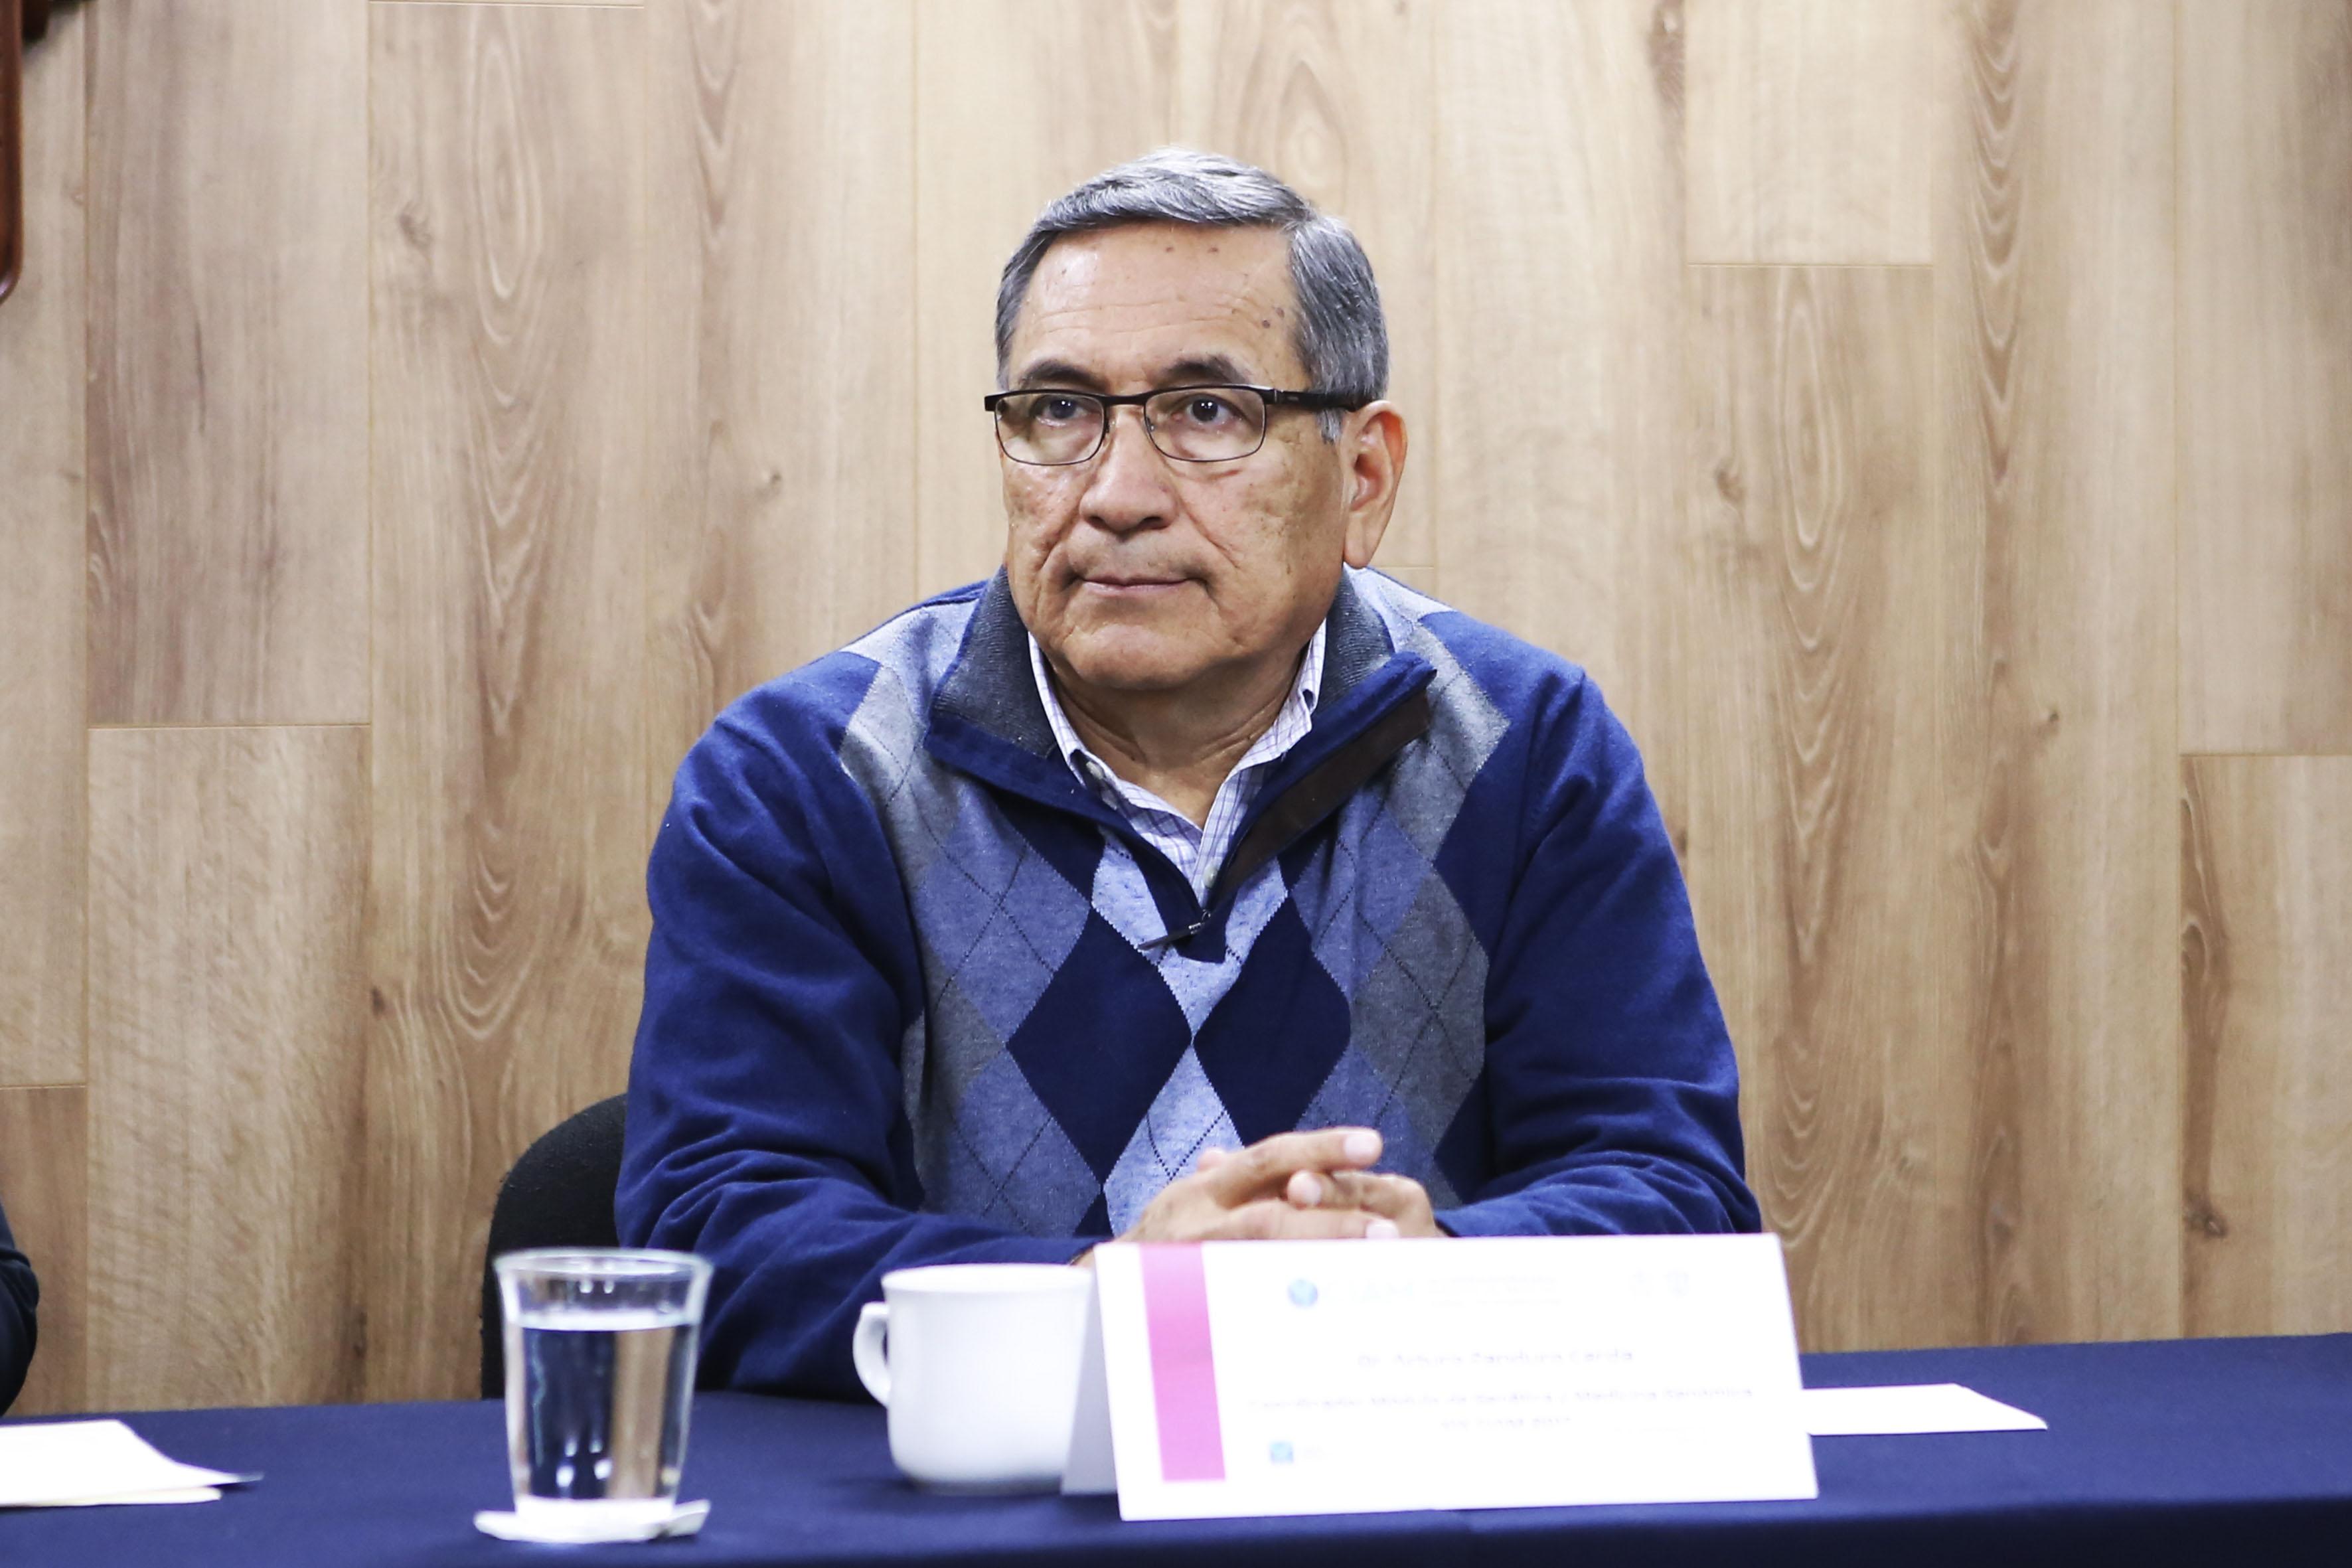 El doctor Arturo Panduro Cerda